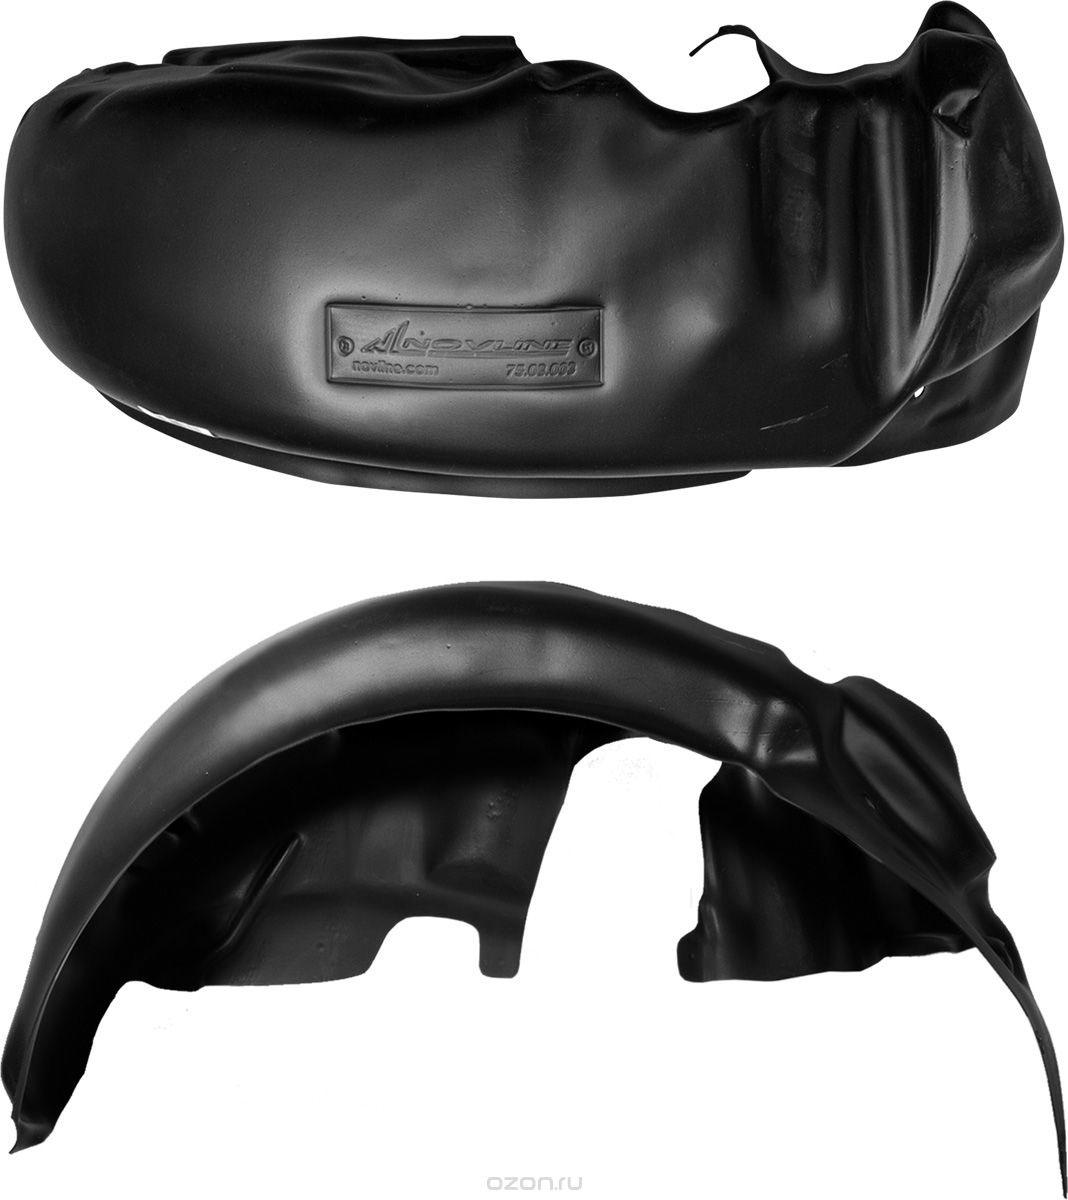 Подкрылок Novline-Autofamily, для Kia Cerato, 03/2009-2013, задний правыйNLL.25.26.004Идеальная защита колесной ниши. Локеры разработаны с применением цифровых технологий, гарантируют максимальную повторяемость поверхности арки. Изделия устанавливаются без нарушения лакокрасочного покрытия автомобиля, каждый подкрылок комплектуется крепежом. Уважаемые клиенты, обращаем ваше внимание, что фотографии на подкрылки универсальные и не отражают реальную форму изделия. При этом само изделие идет точно под размер указанного автомобиля.